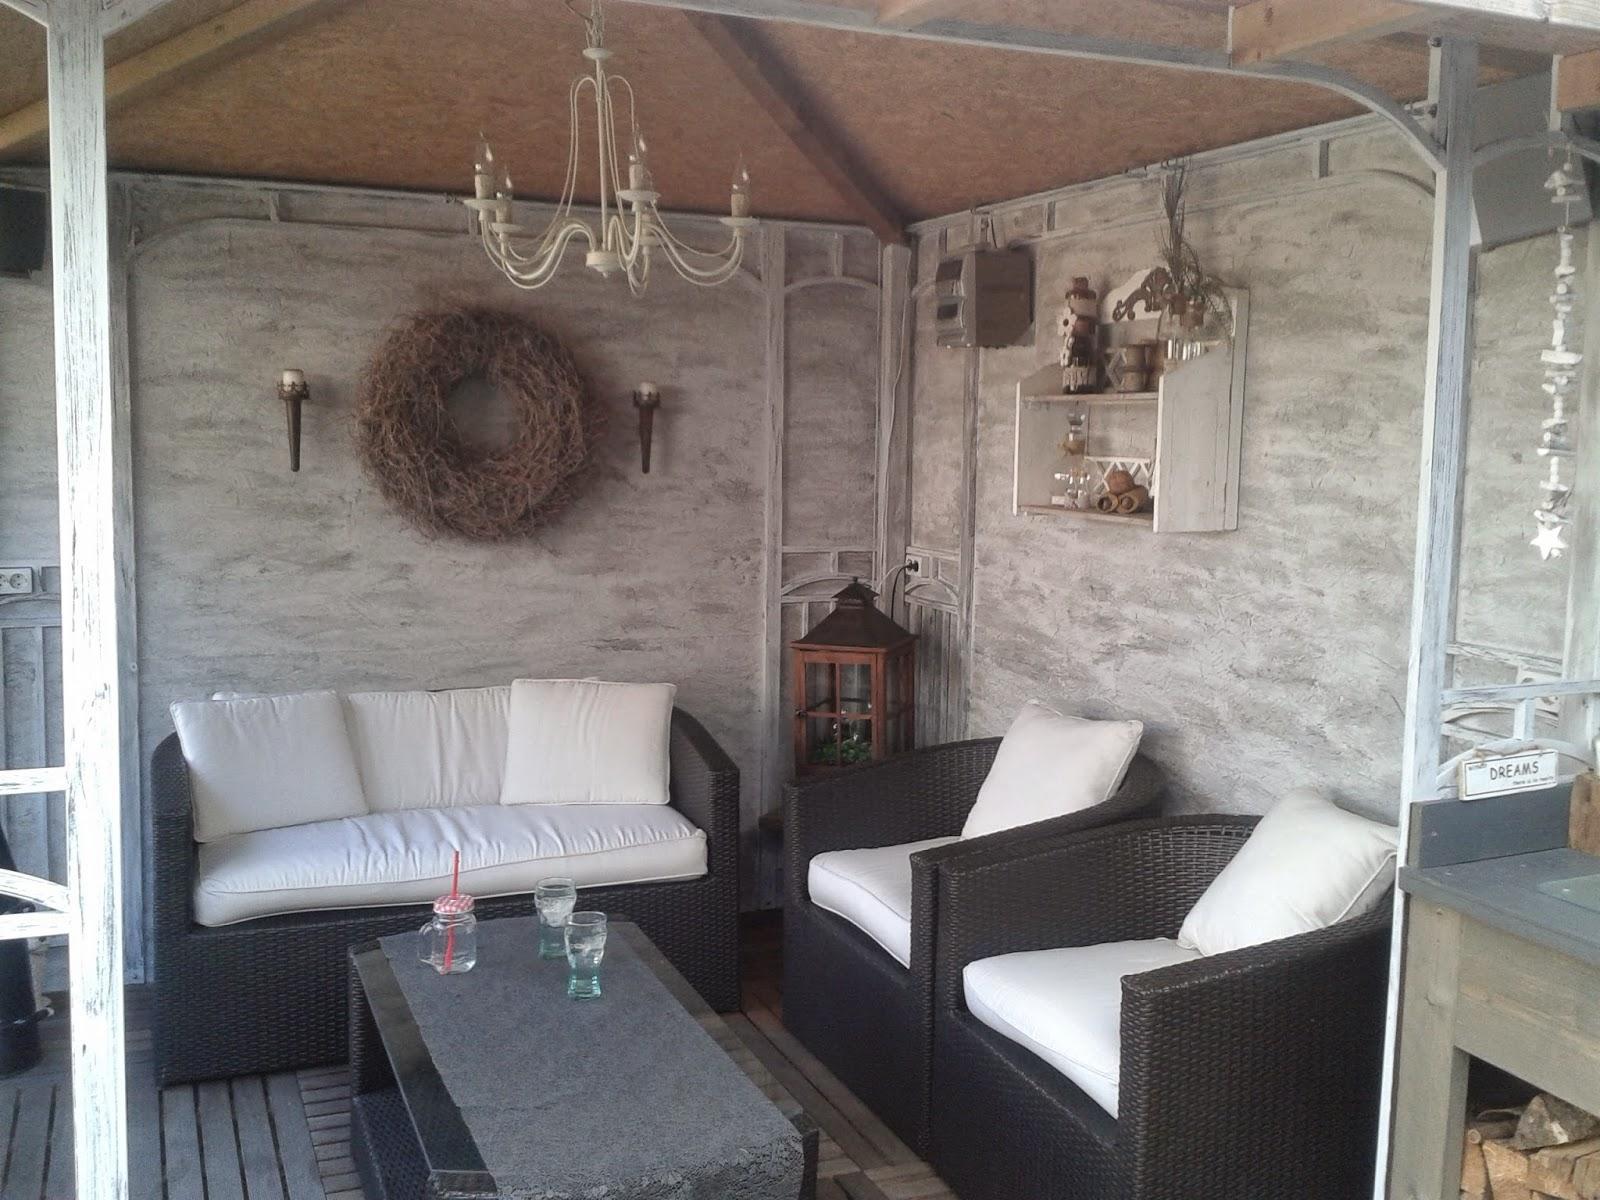 Wonen in je eigen stijl van granol muur naar krijtverf muur - Kleurenkaart grijze verf ...